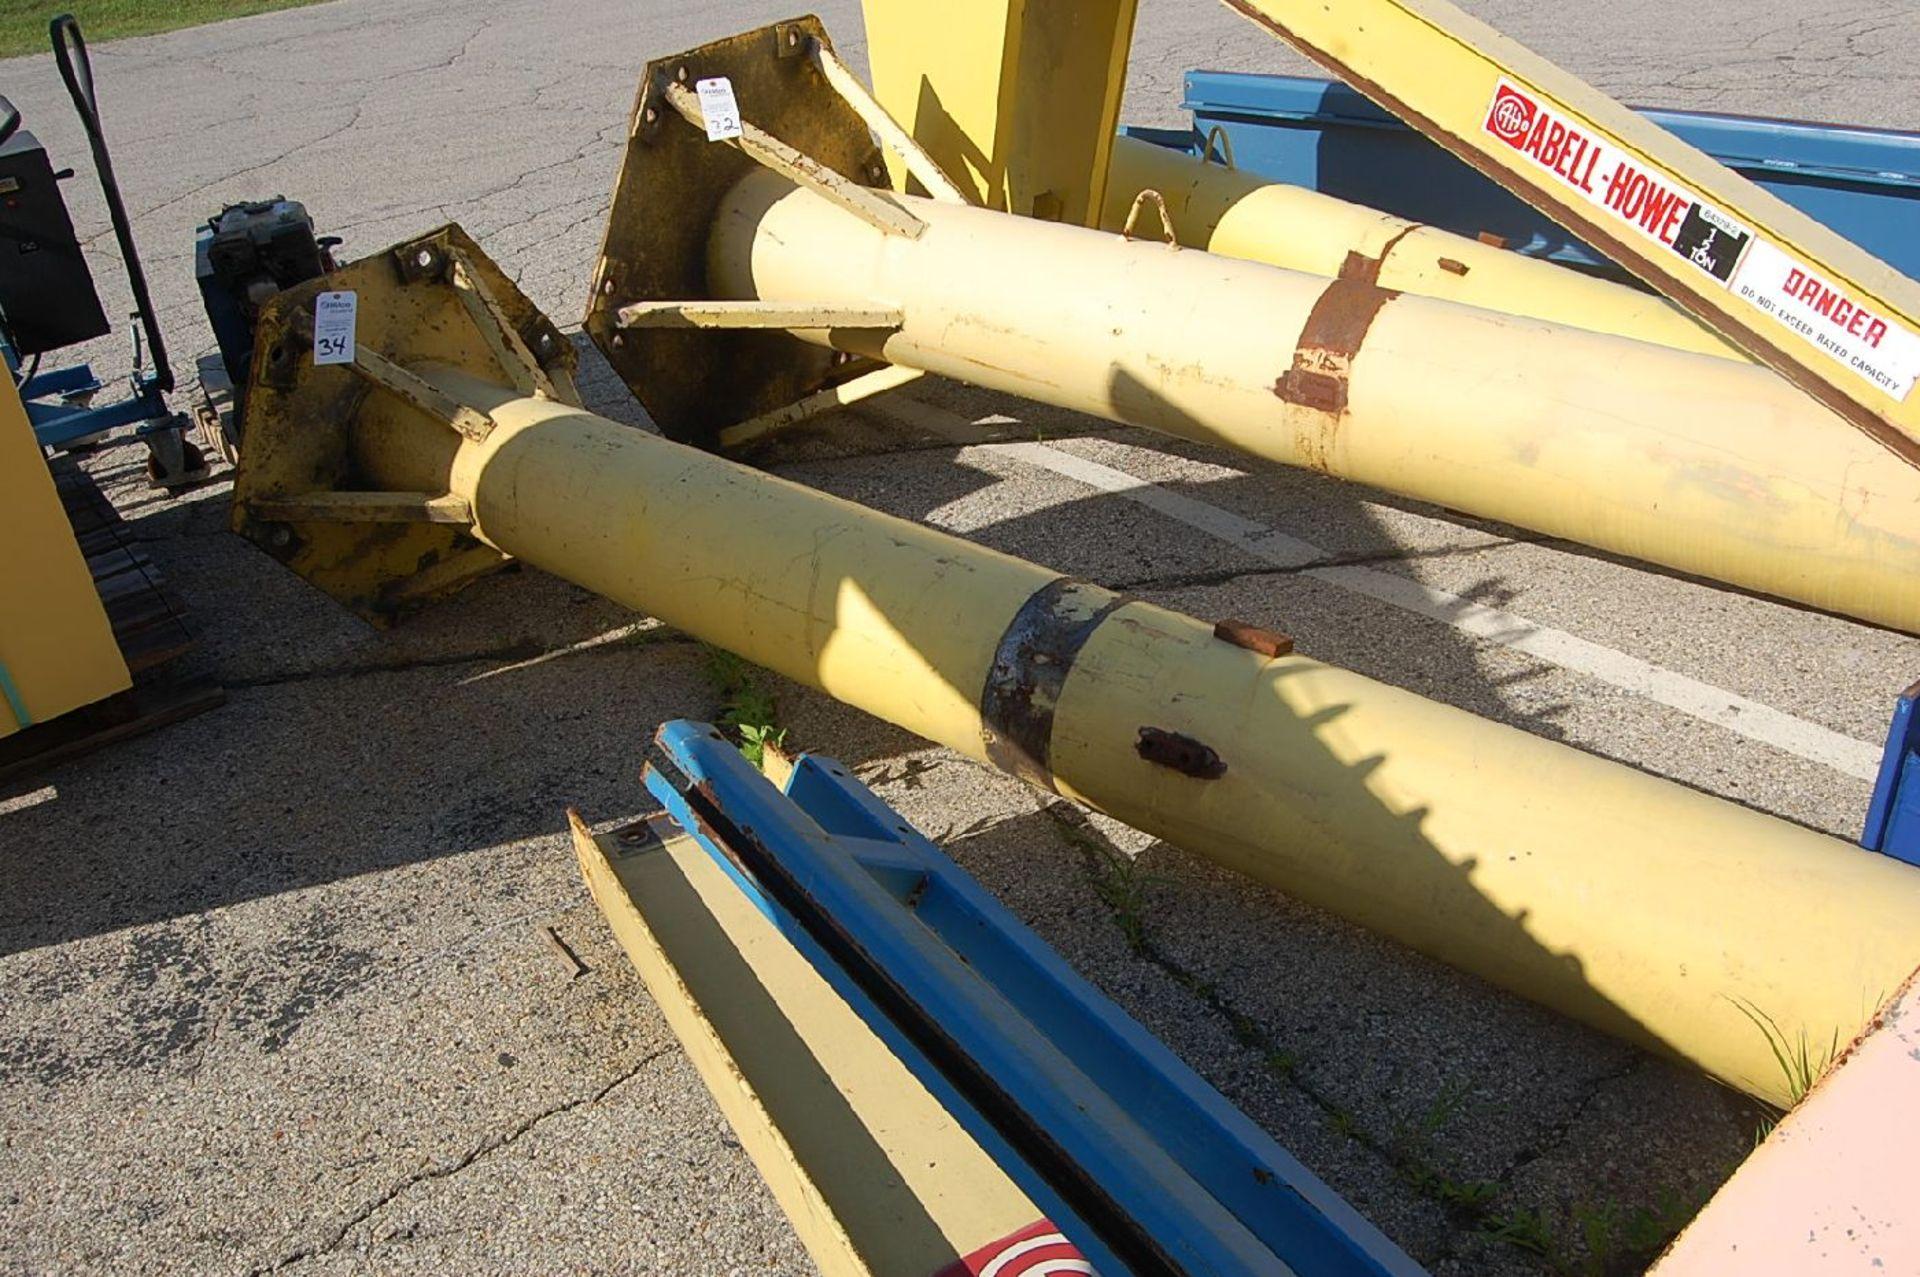 Gorbel 1/2-Ton Floor Standing Jib Crane - Image 2 of 2